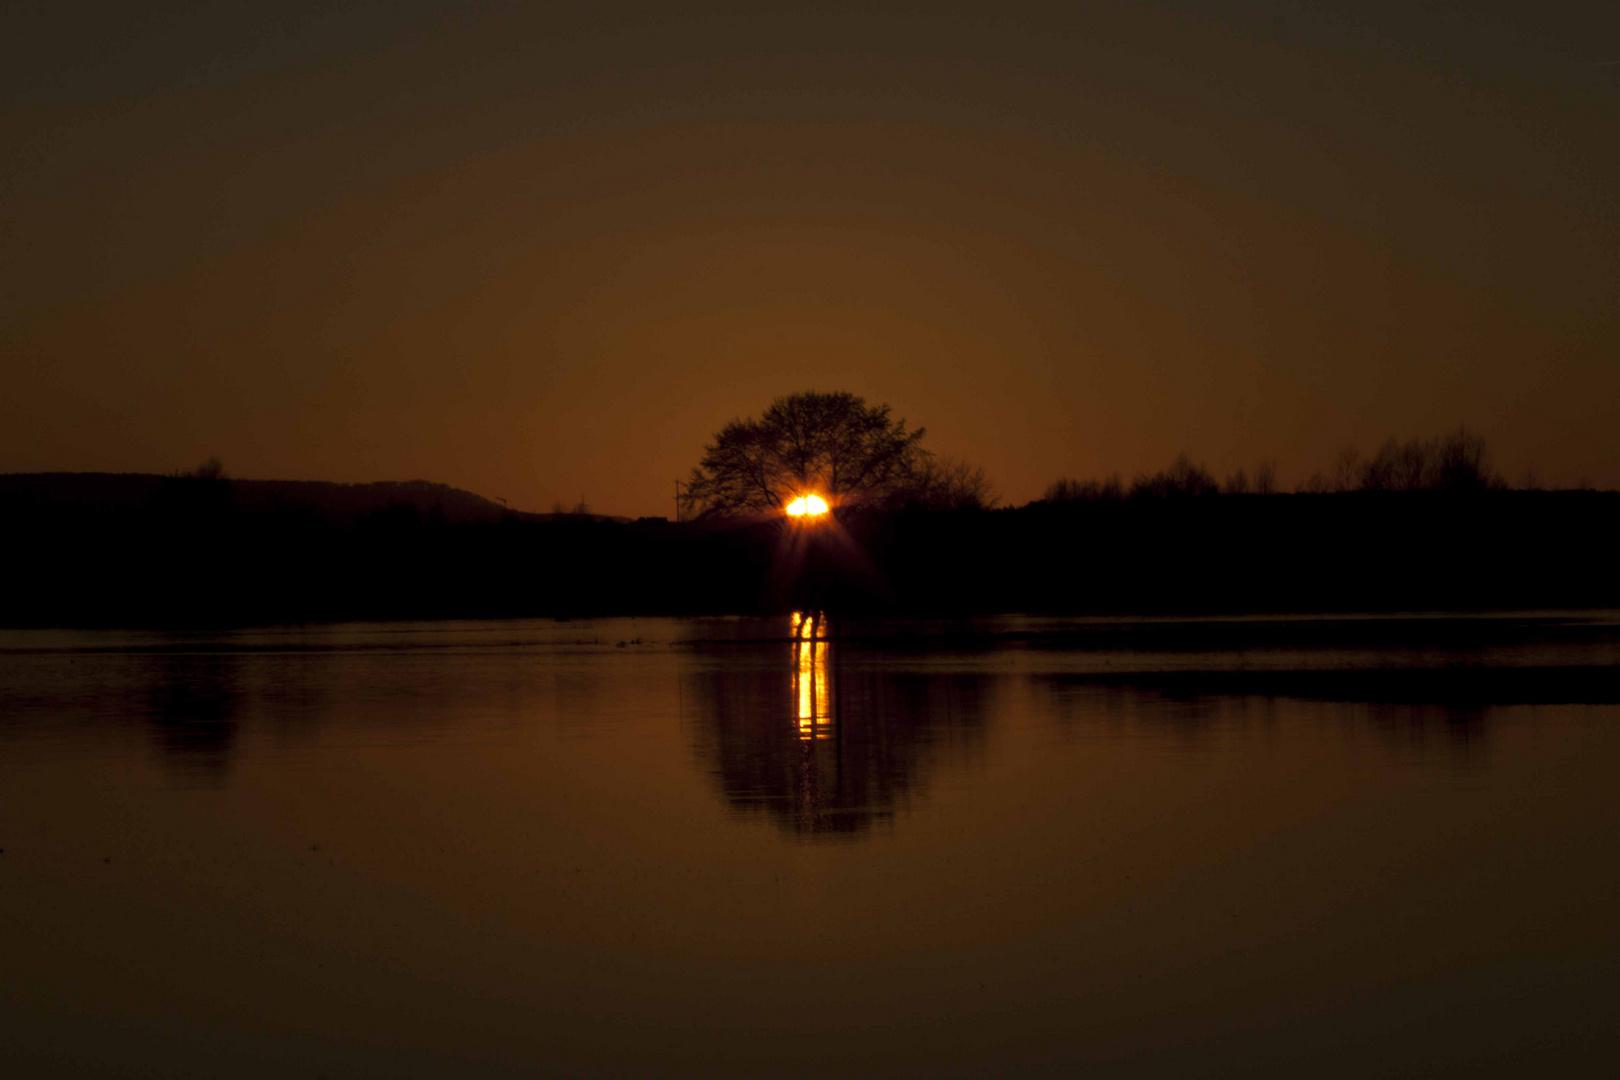 Sonnenuntergang-Hochwasser mal auf einer anderen Art